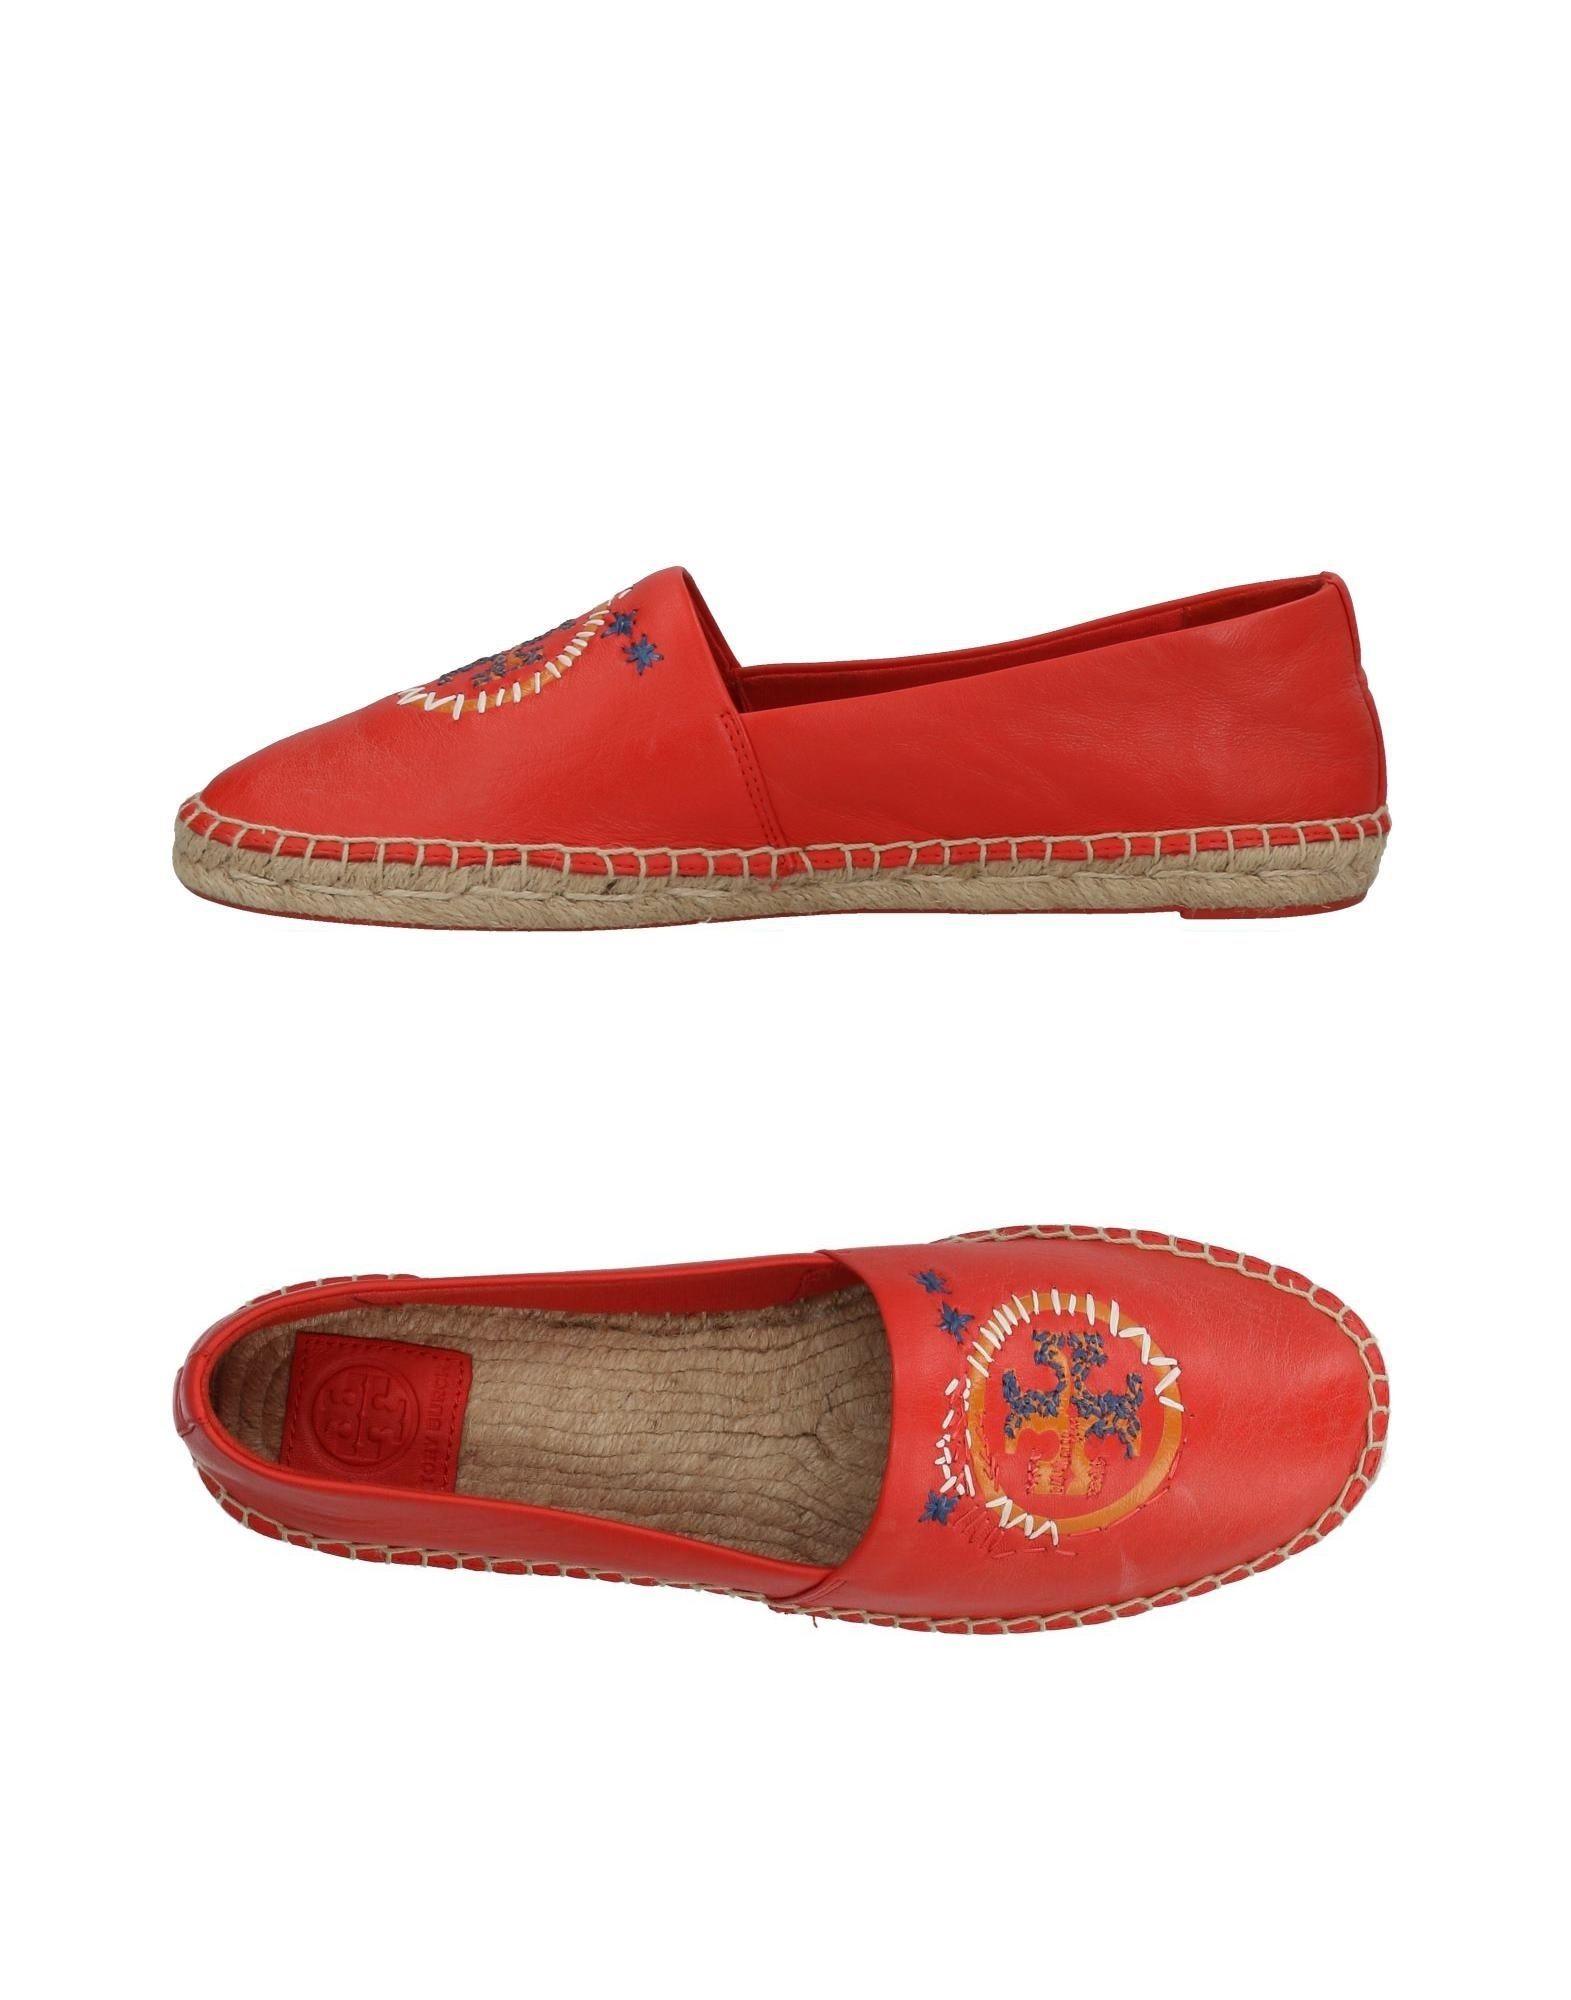 Stilvolle billige Schuhe Tory Burch Espadrilles Damen  11432706TT